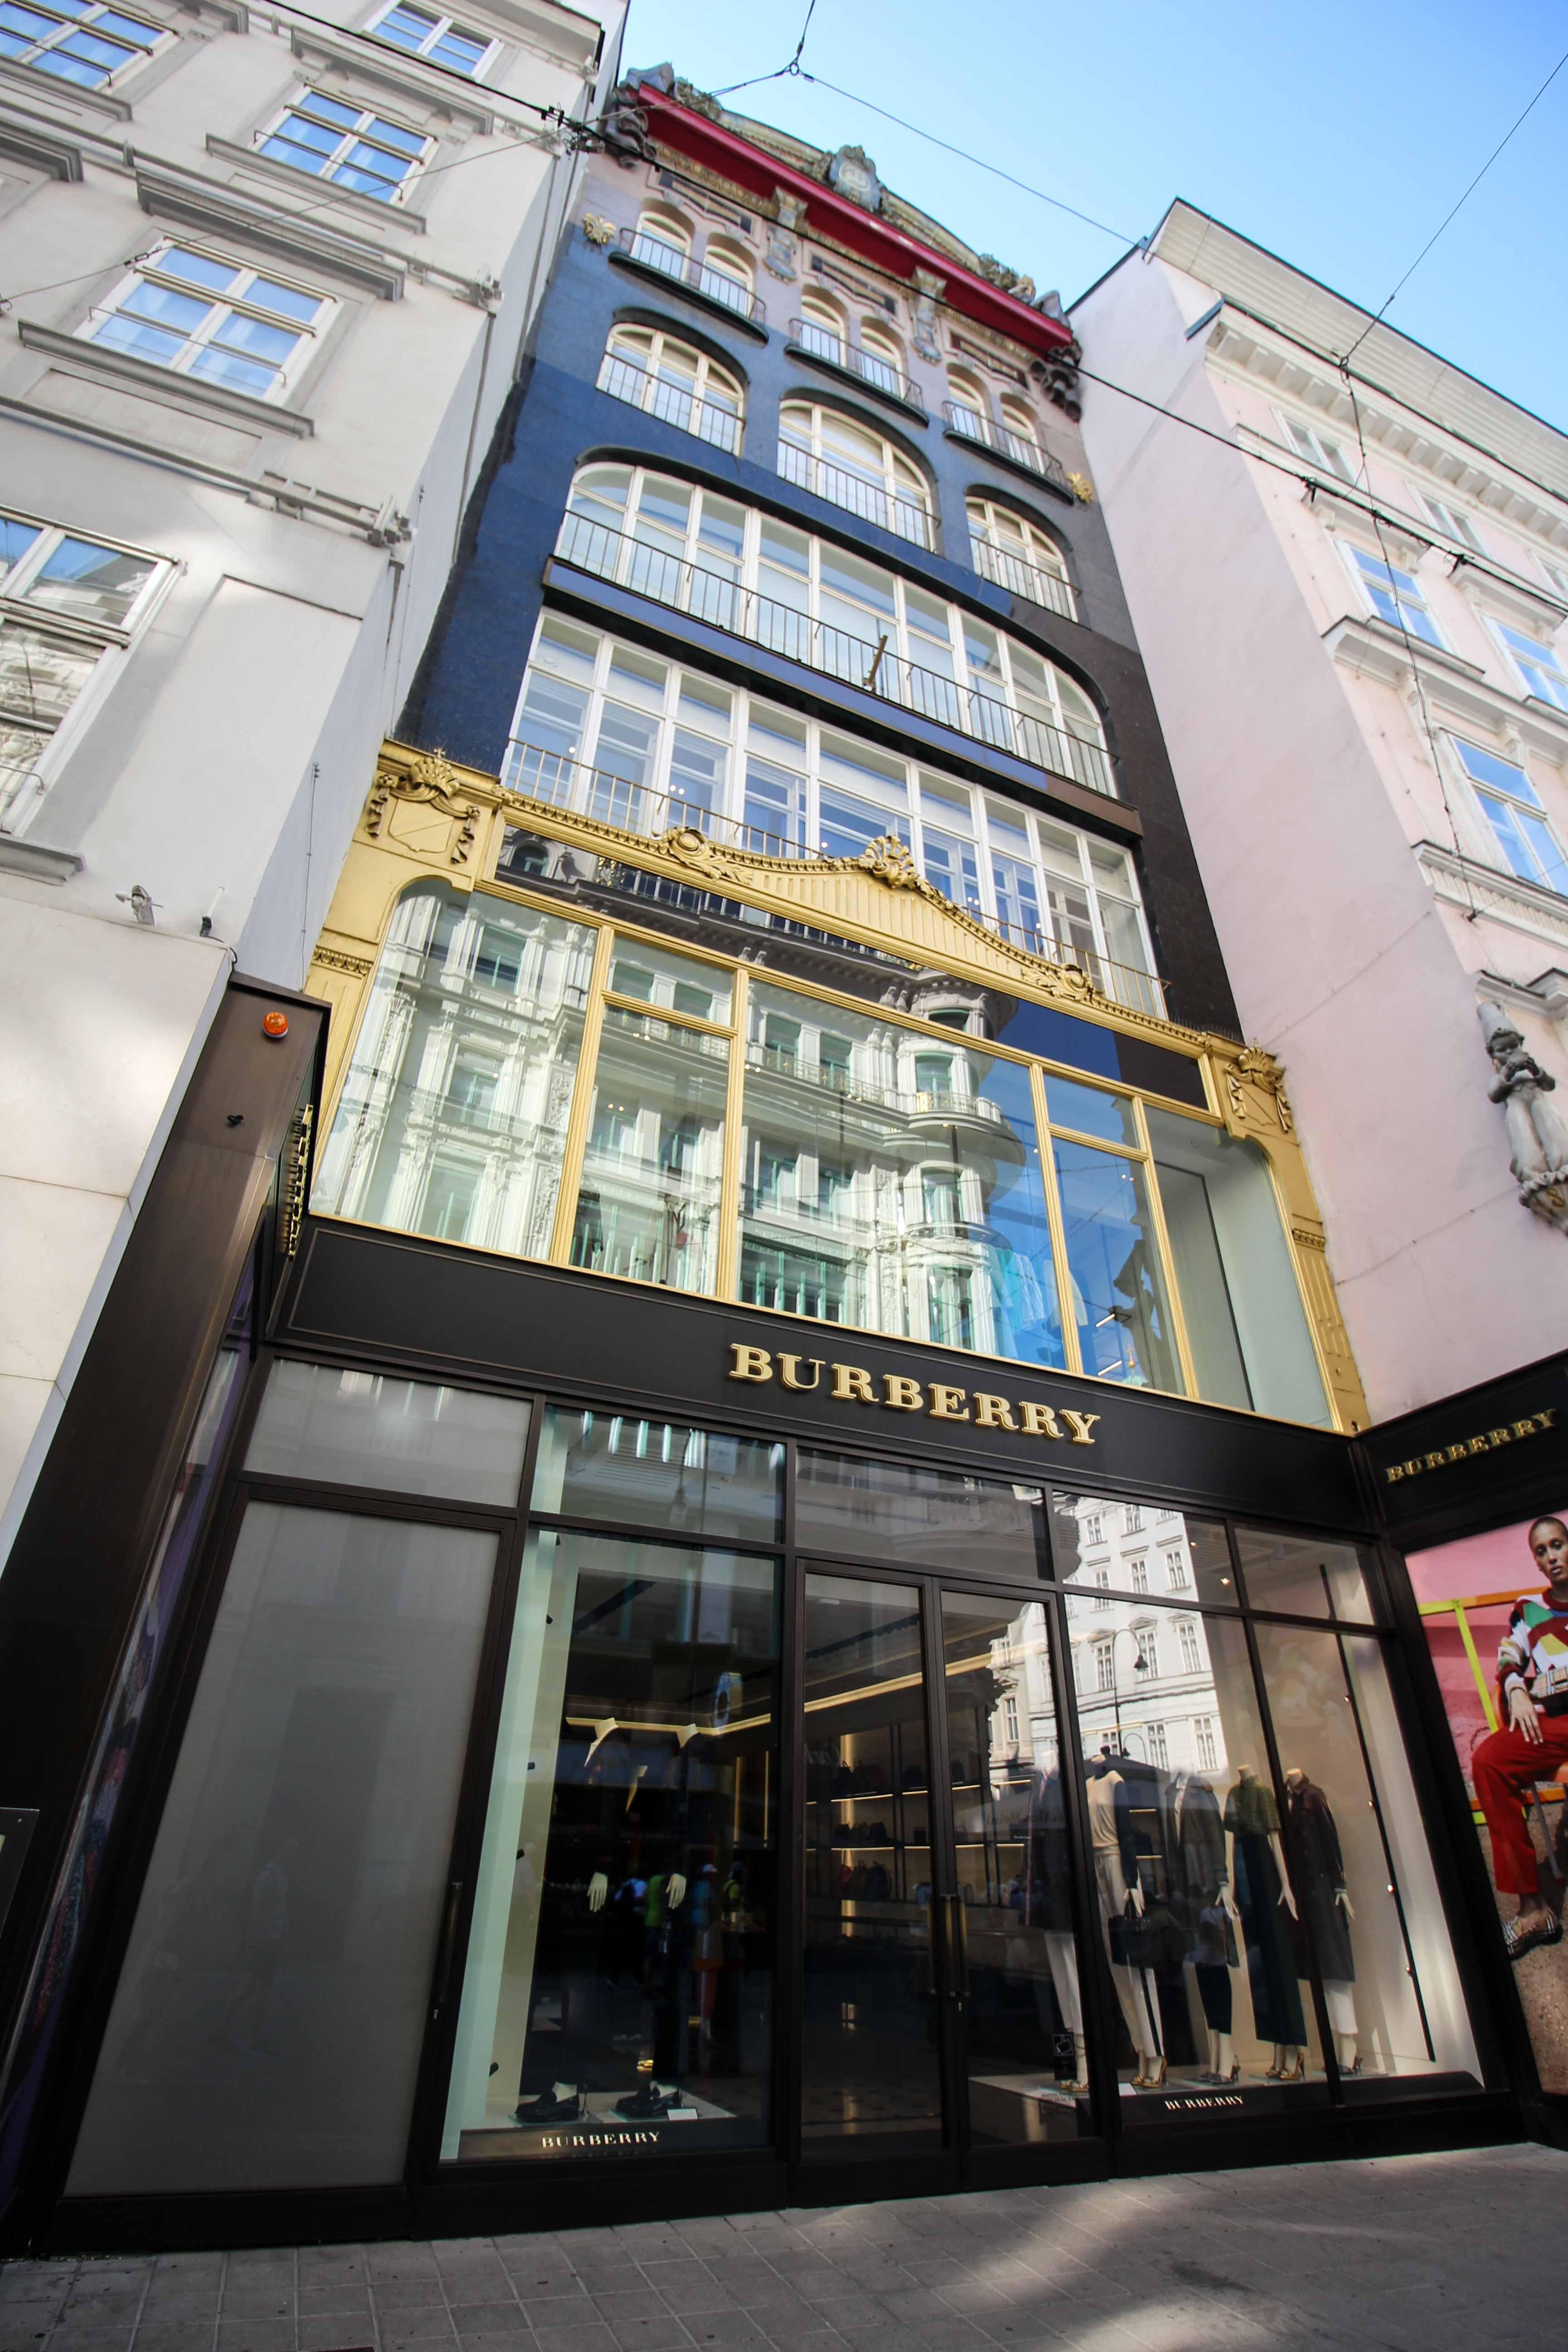 Wien Insider Tipps Sehenswürdigkeiten Wien Innenstadt Shopping Burberry Sightseeing Wien Vienna Donaukreuzfahrt Arosa